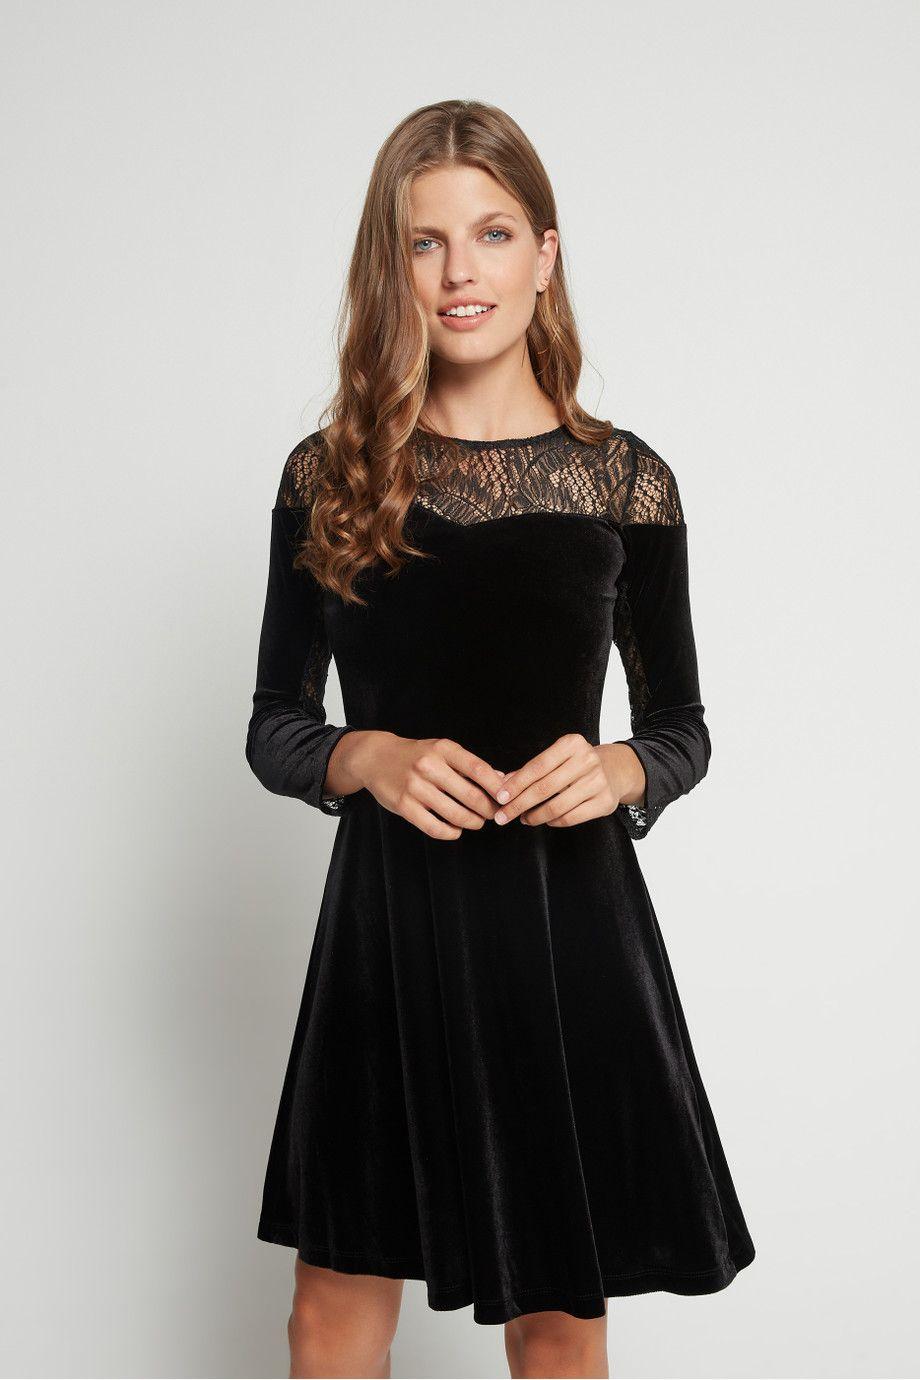 تسوق فستان مخمل بتصميم دانتيل وتنورة واسعة ترينديول أسود للنساء نسناس السعودية Velvet Skater Dress Black Dress Formal Dresses